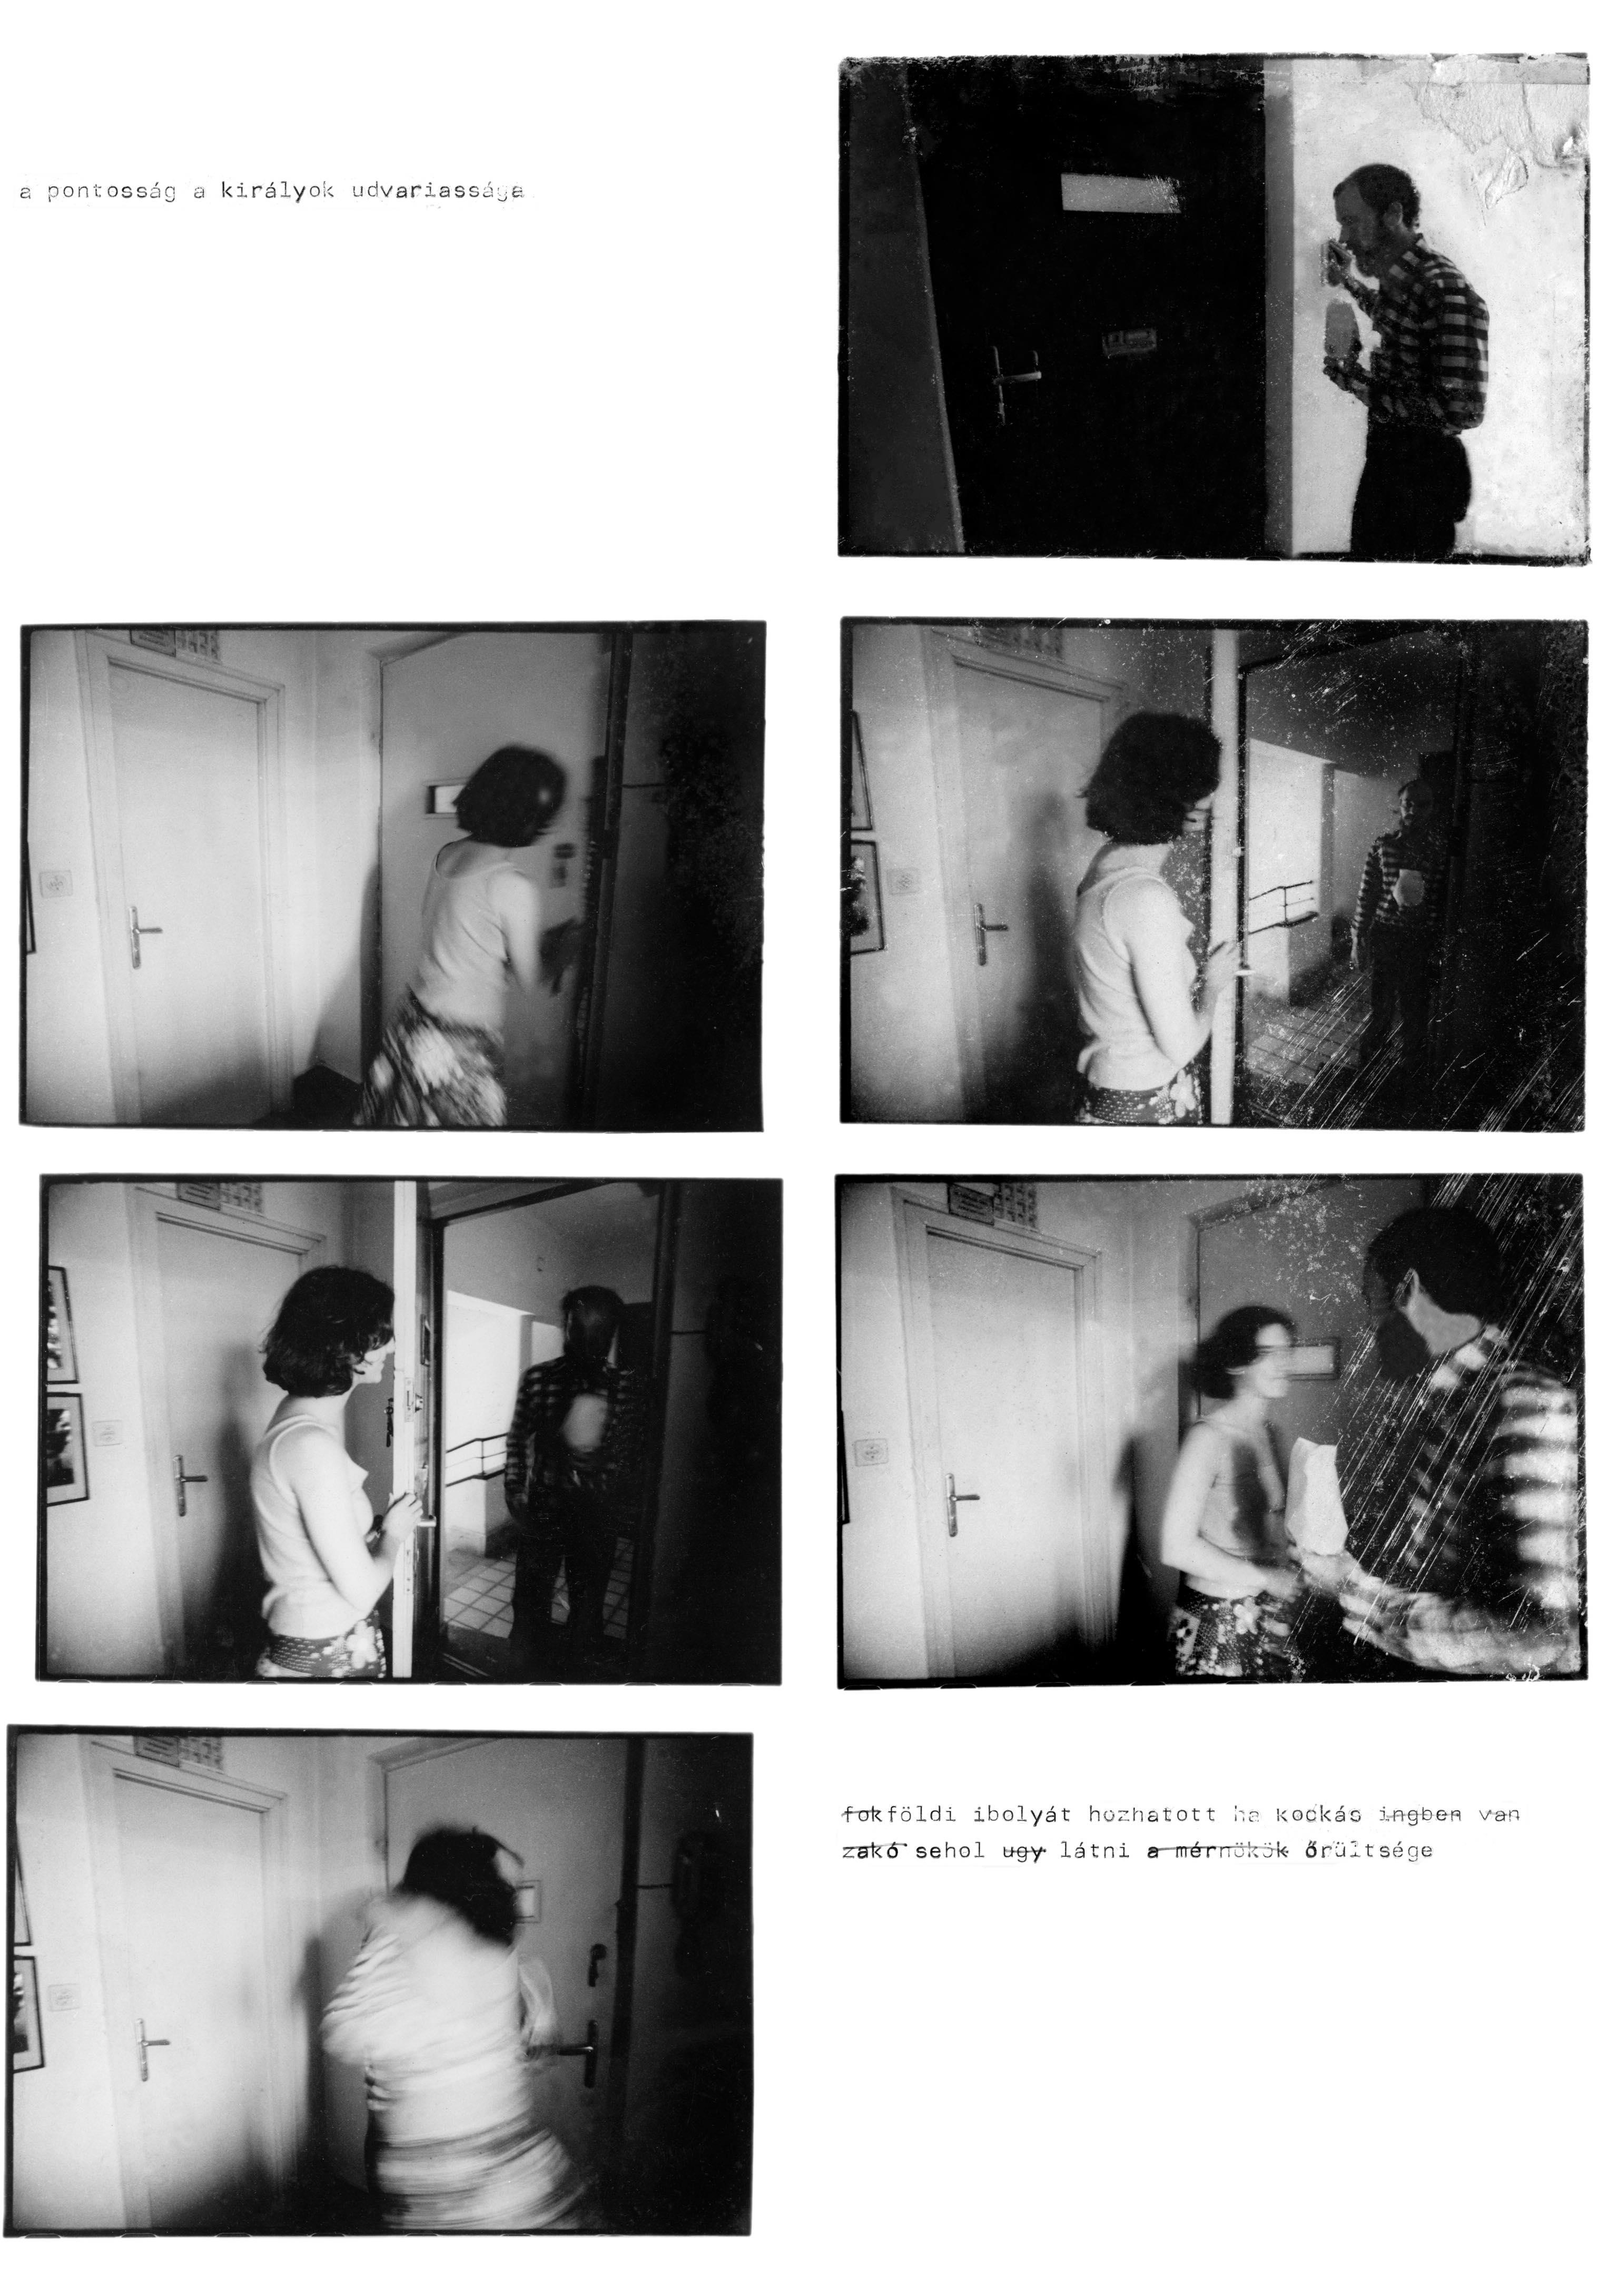 Fotó: Géczi János – Molnár László: Fotóregény, 1980. Művészetek Háza, Veszprém, 2018. 39. o.